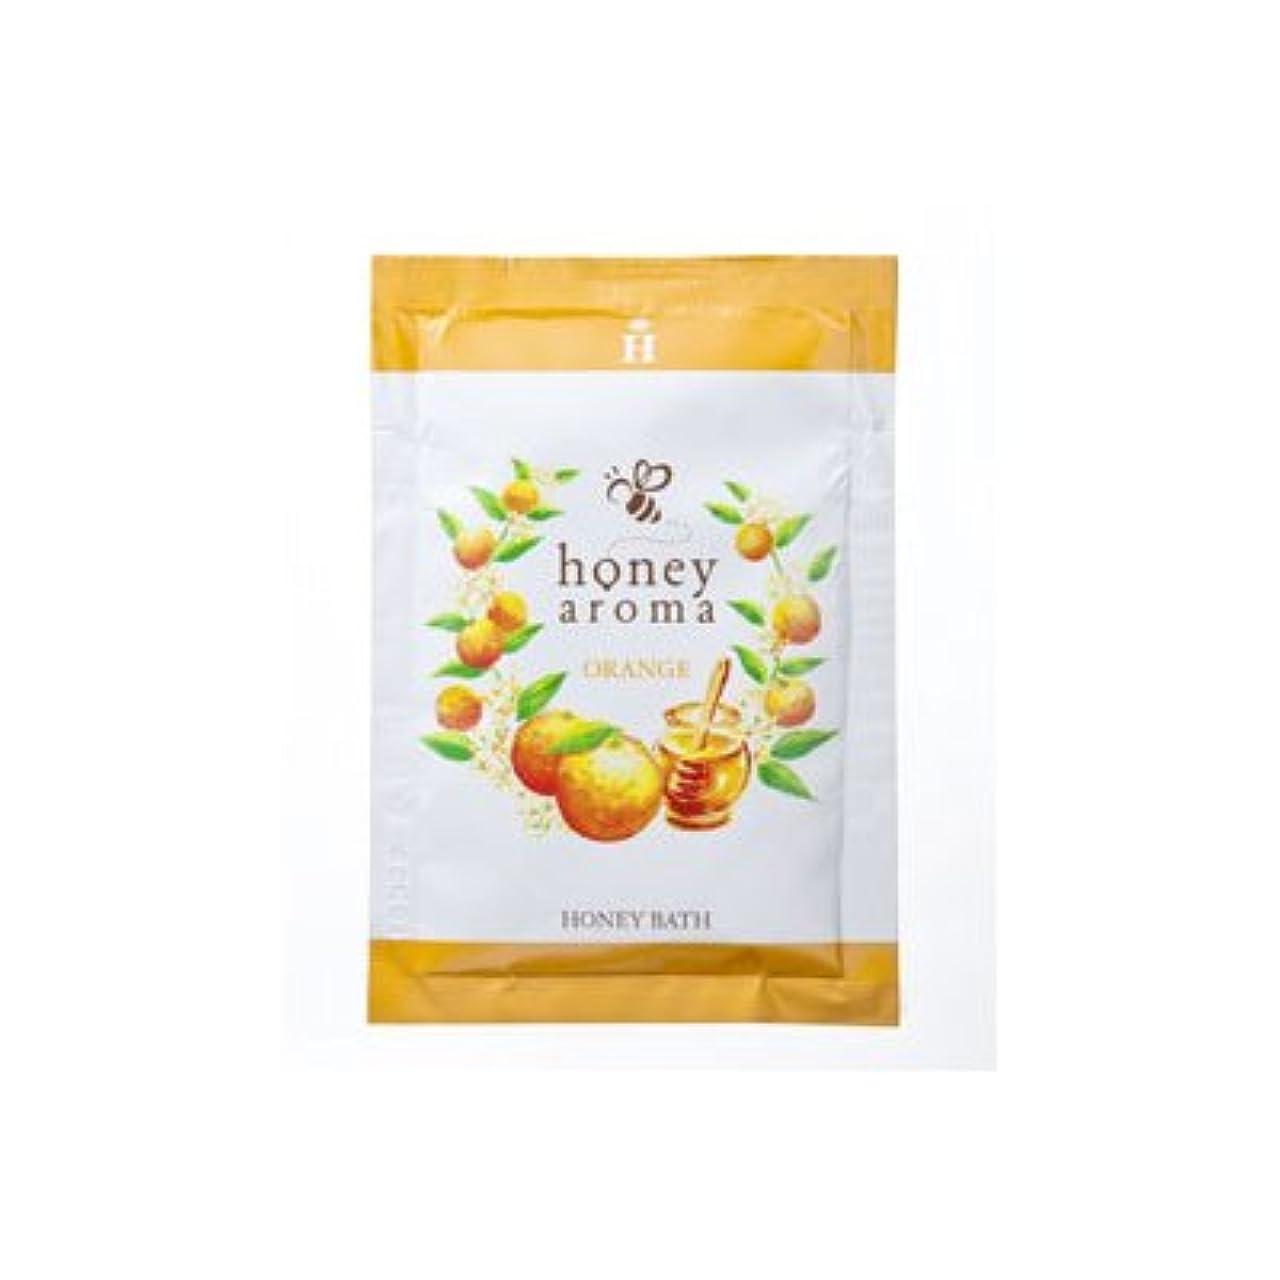 ハニーアロマ ハニーバス(入浴剤) 5包(オレンジの香り)